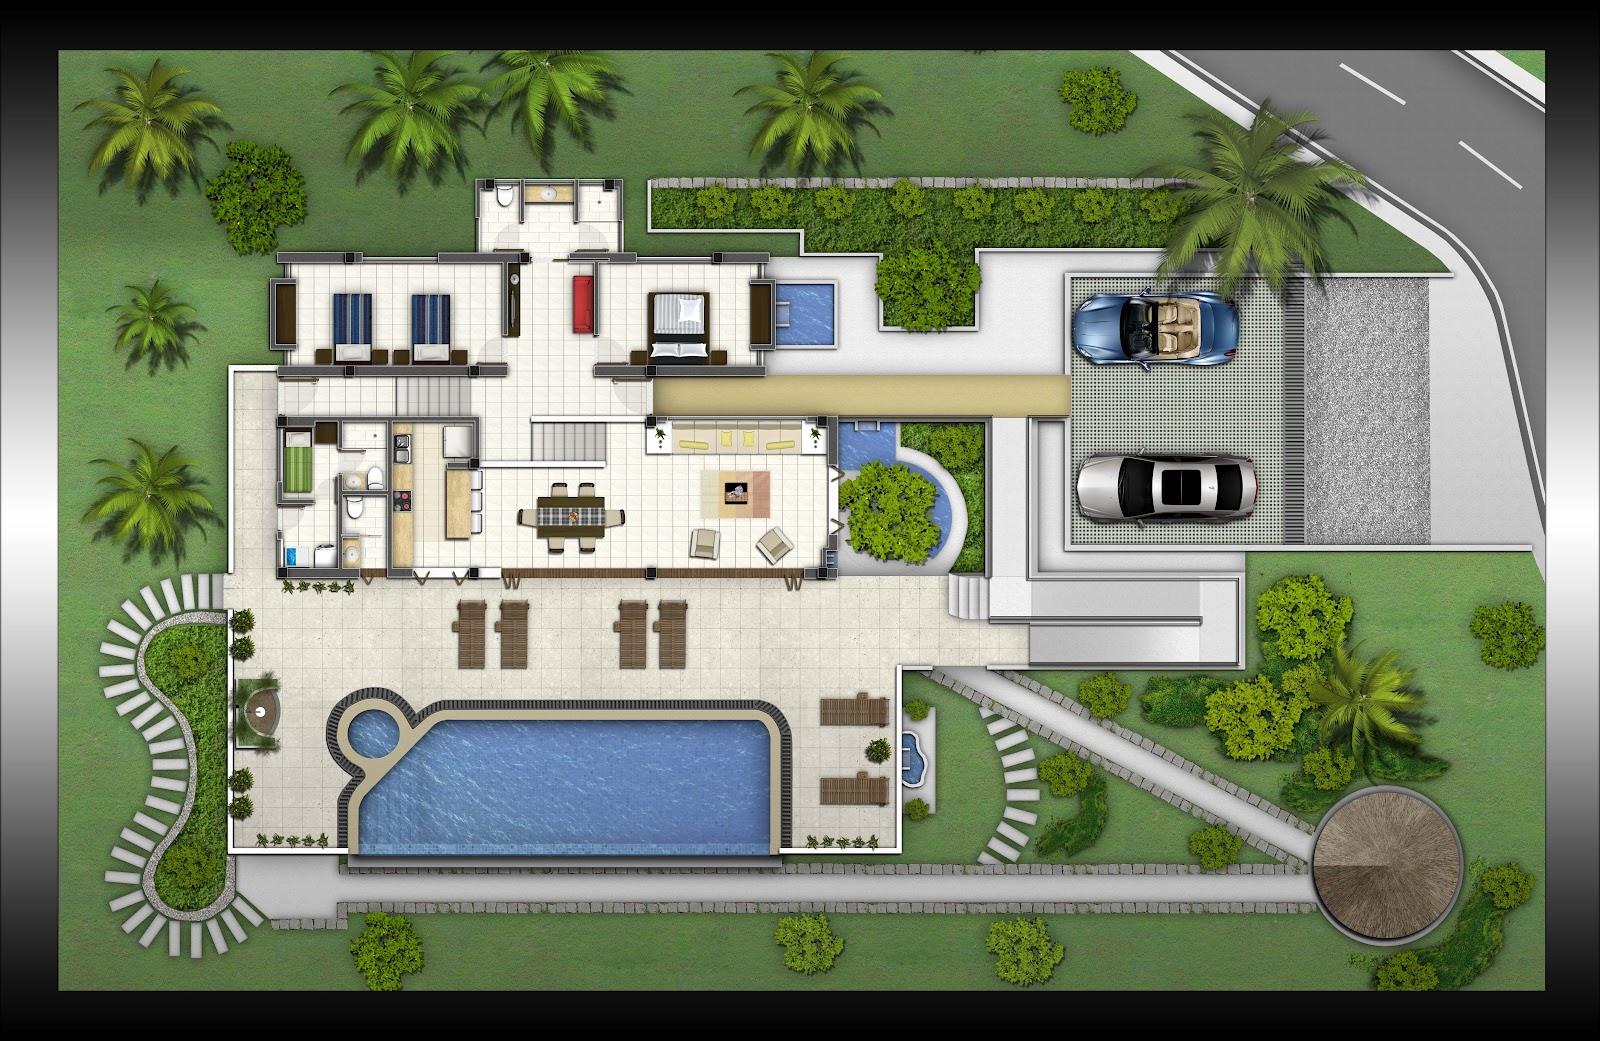 Casa de campo condominio campo madero ibagu for Plantas arquitectonicas de casas